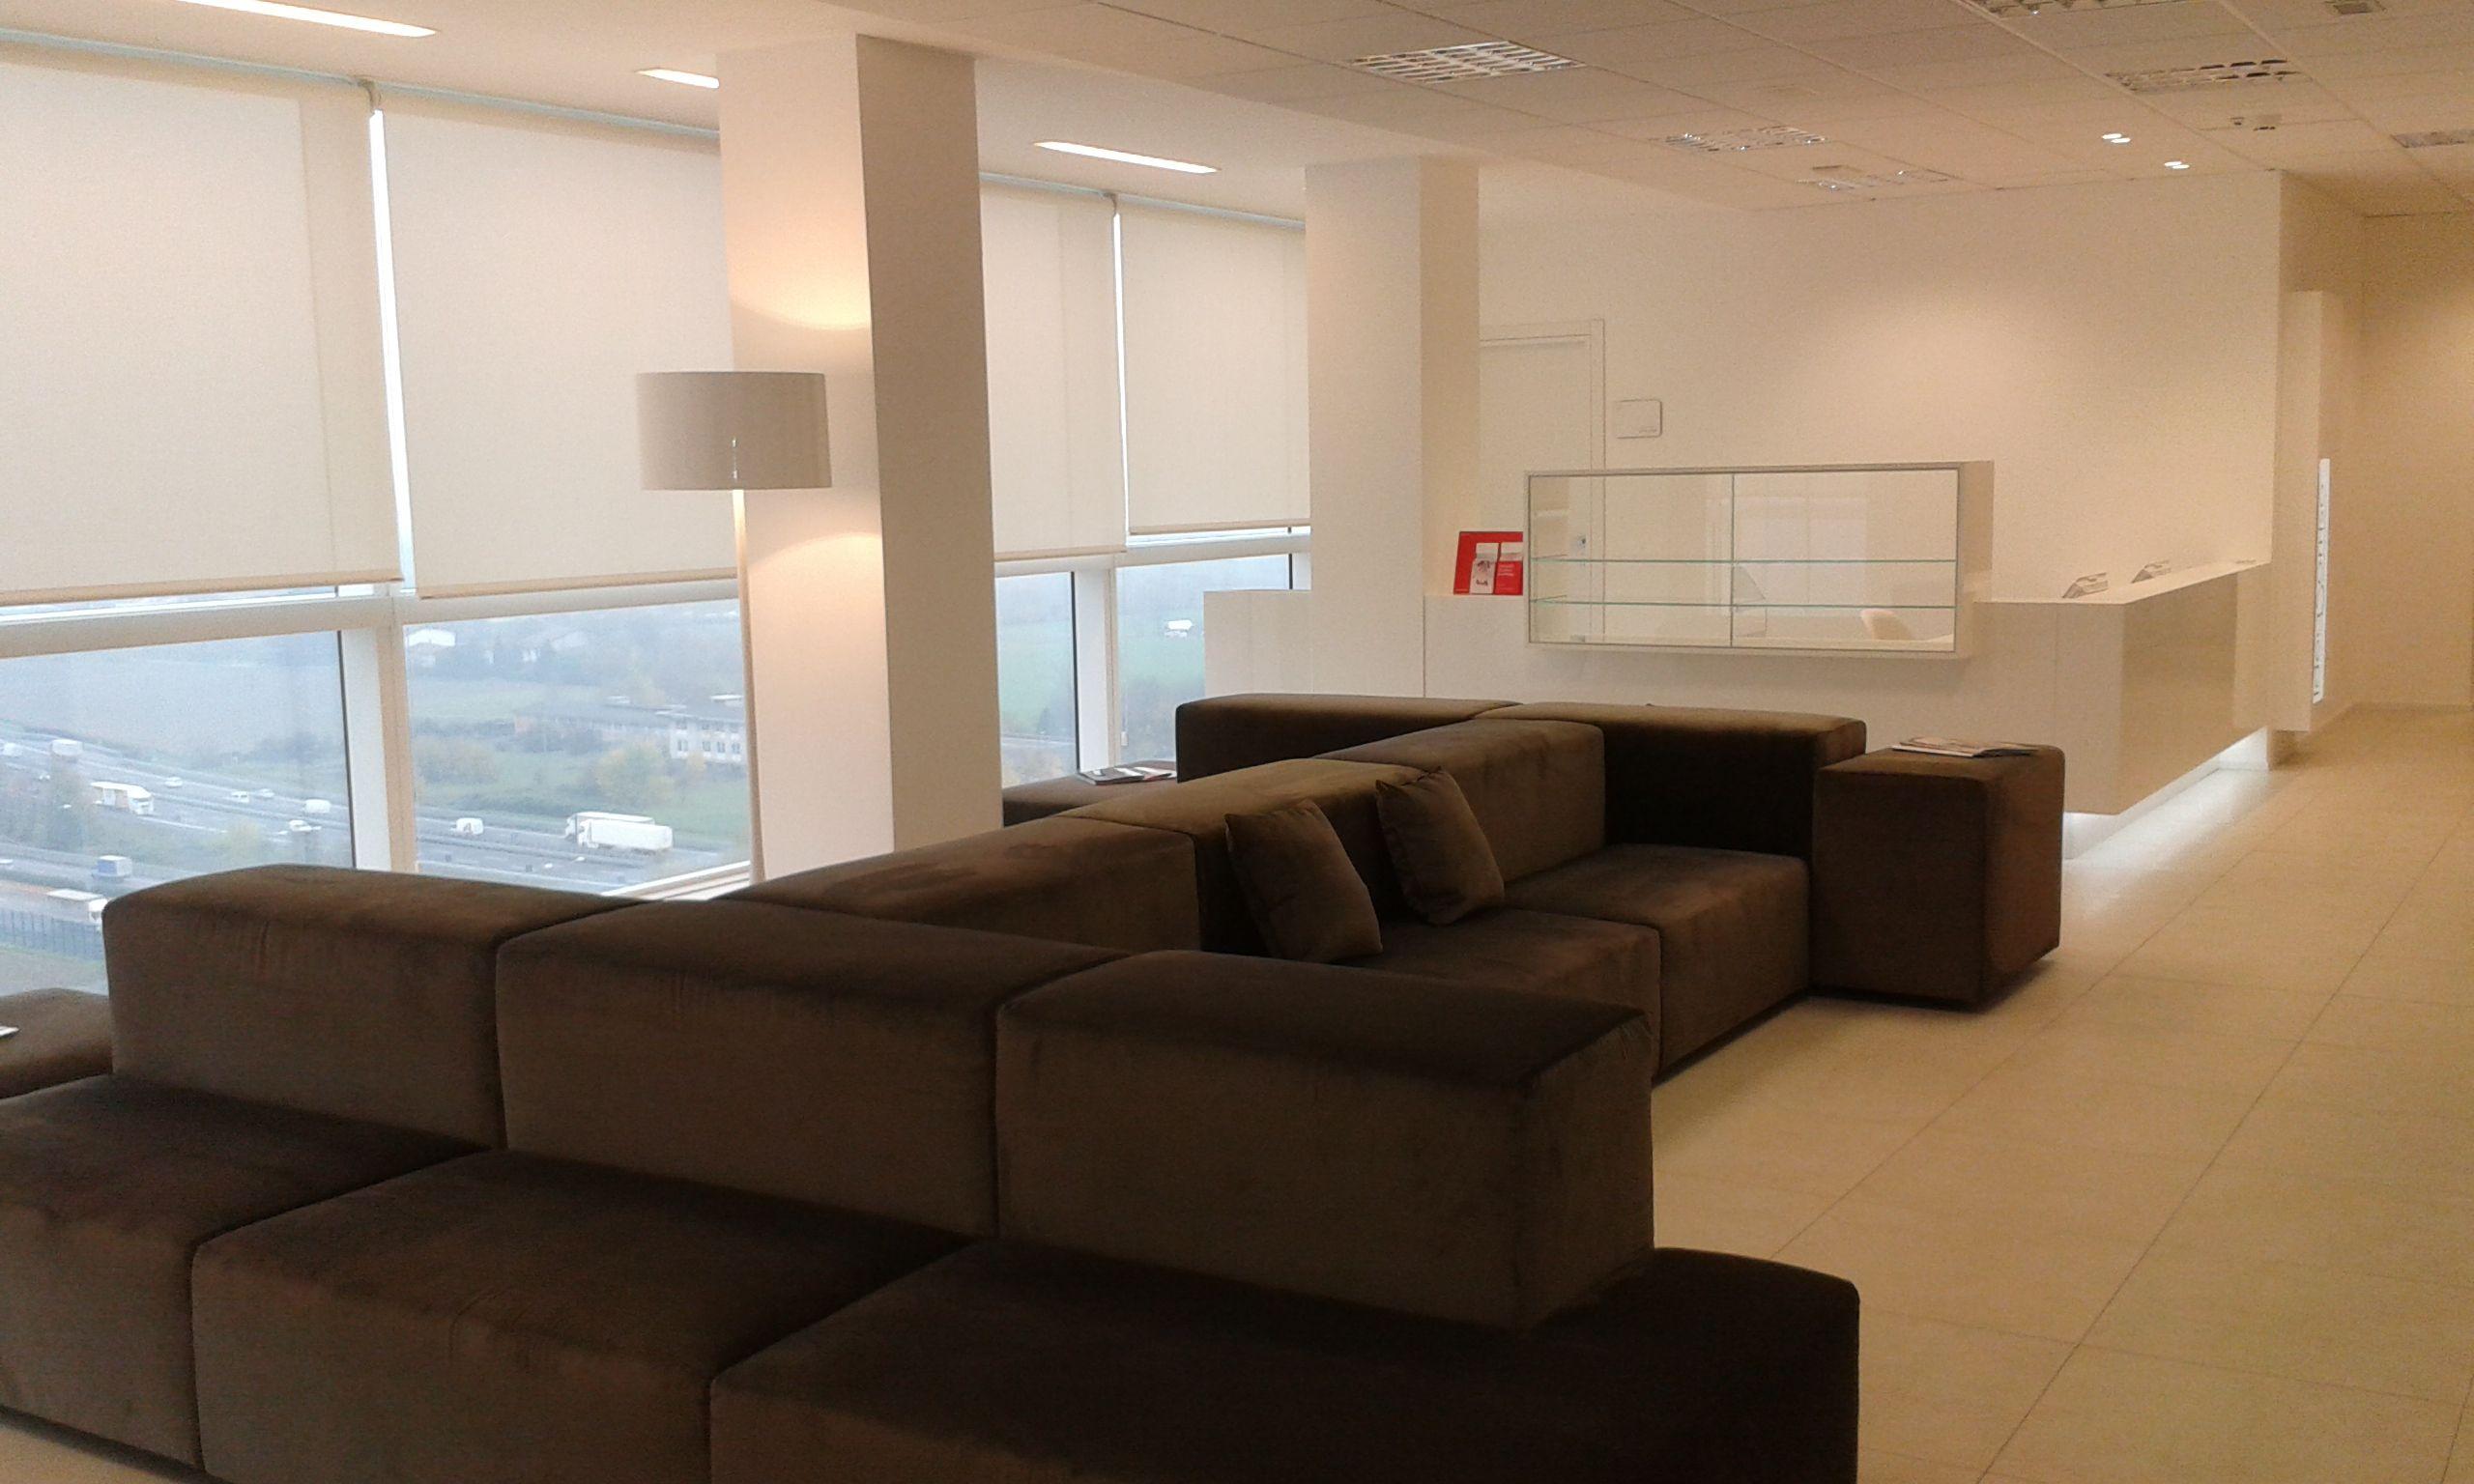 Fabbrica Divani A Brescia divano su misura, realizzato su disegno del cliente